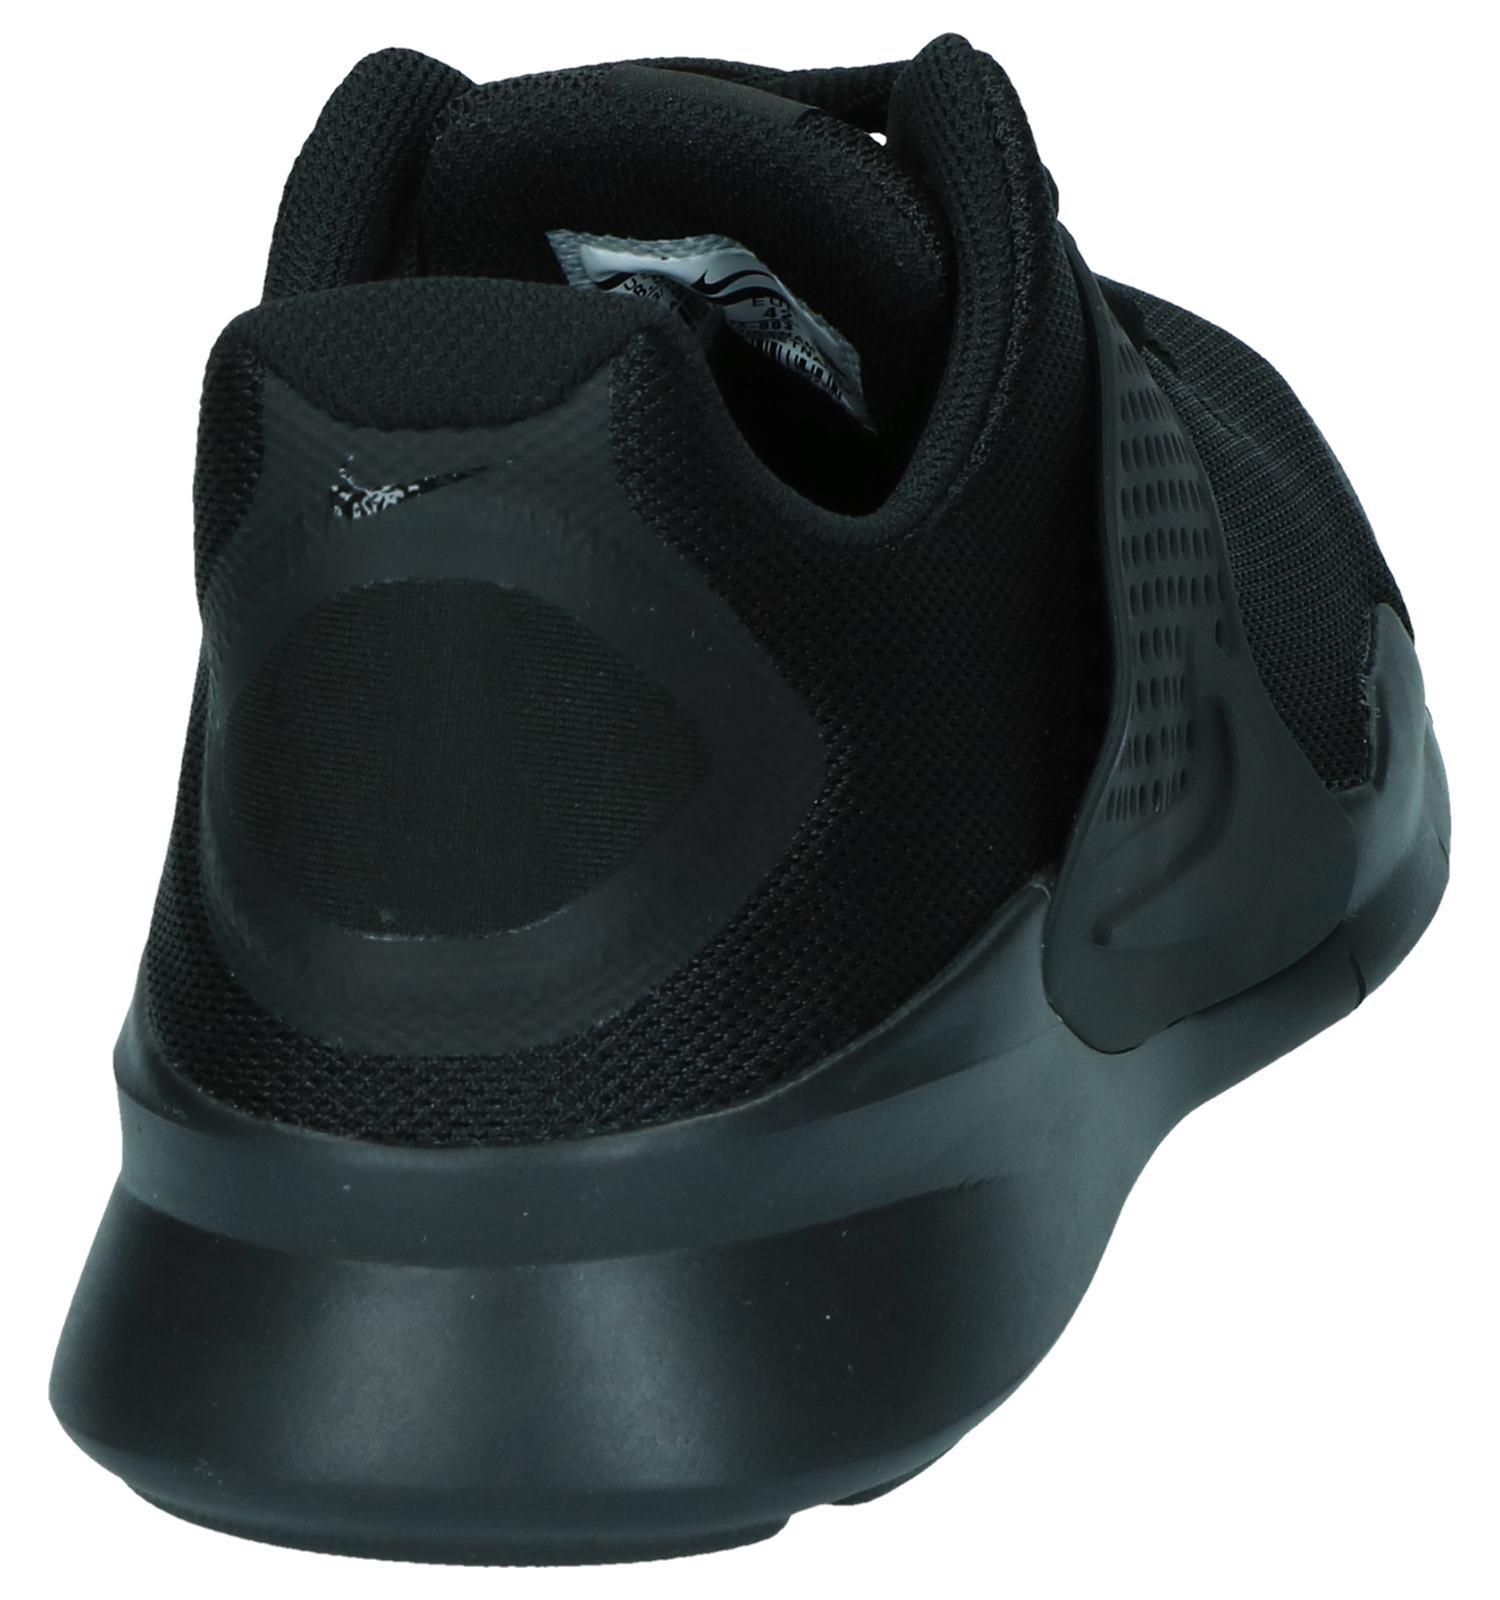 Sneakers Nike Zwarte Zwarte Nike Arrowz Sneakers Nike Arrowz Zwarte Zwarte Sneakers Arrowz jqSUMzVLpG